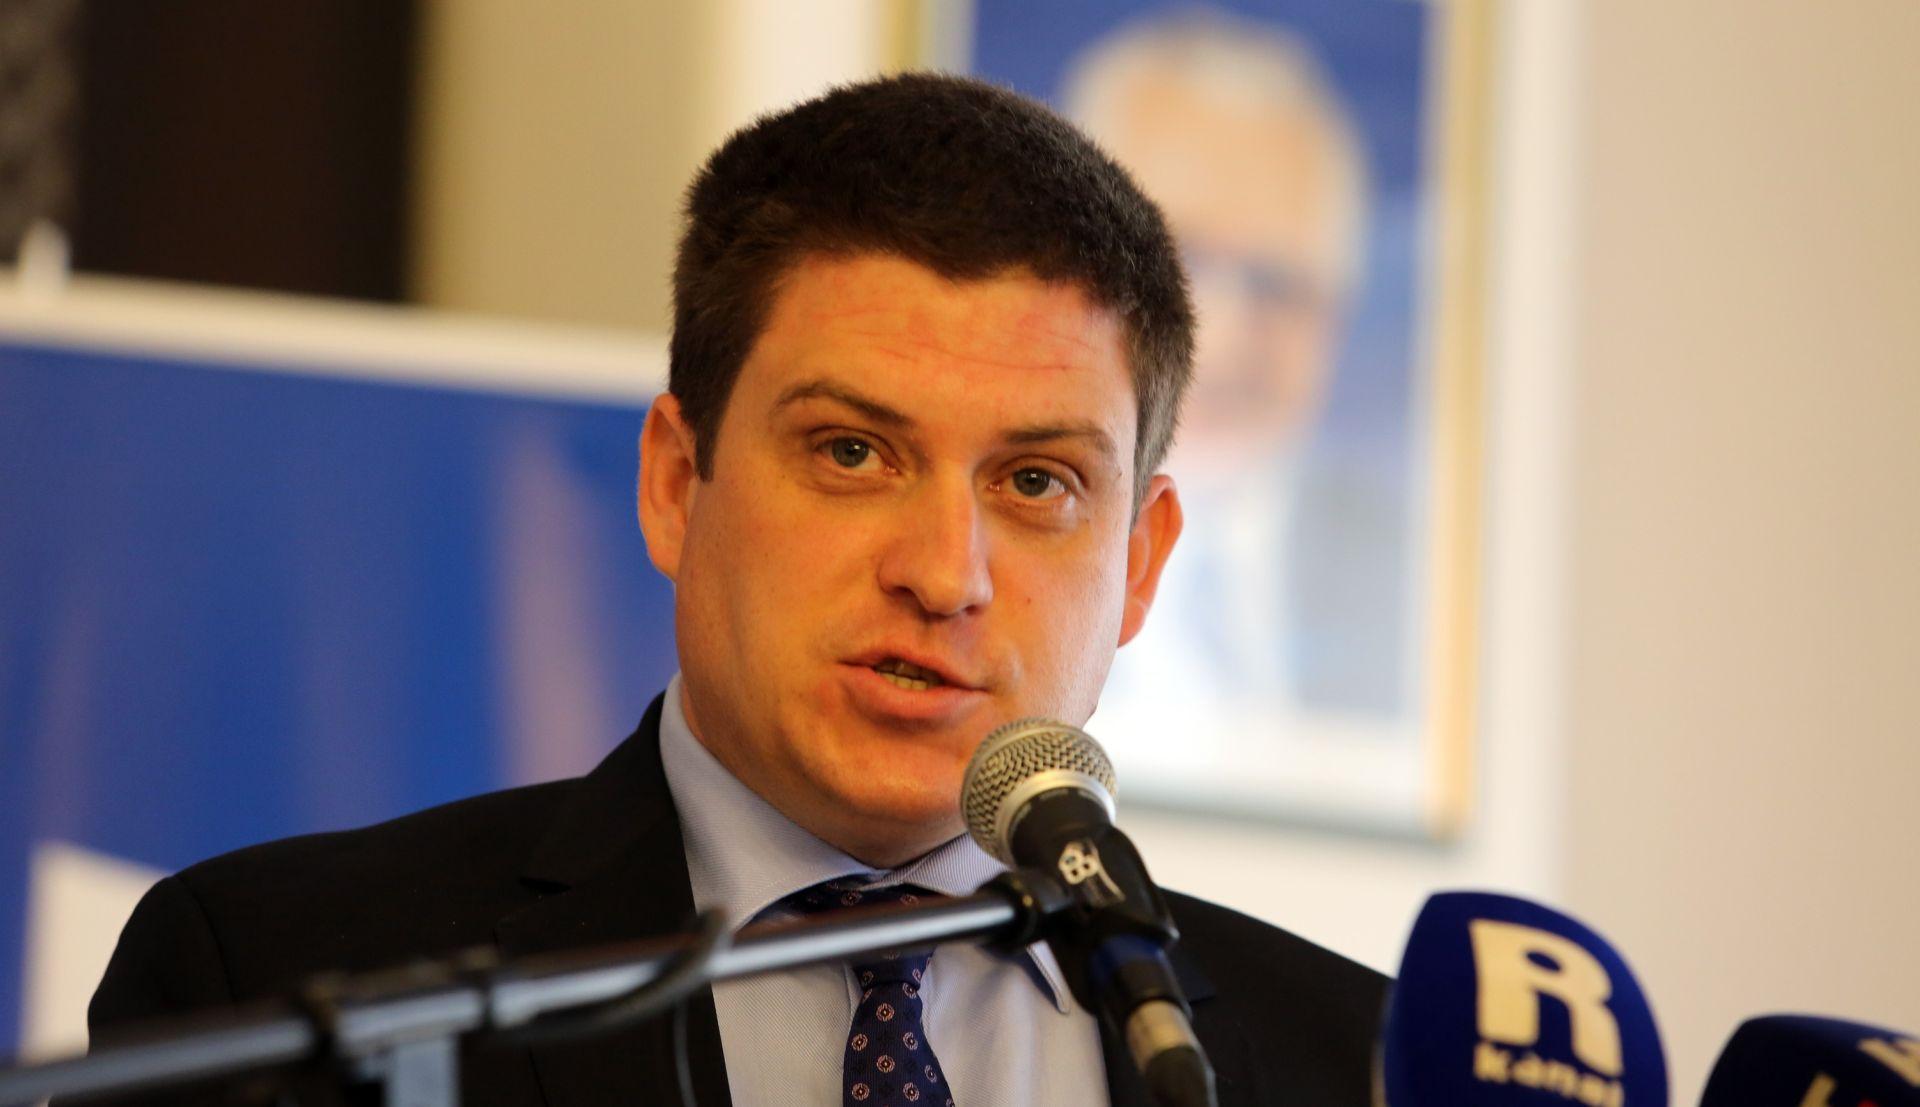 Butković: SDP vodi prljavu i ostrašćenu kampanju, sada sa SDP-om teško moguće koalirati